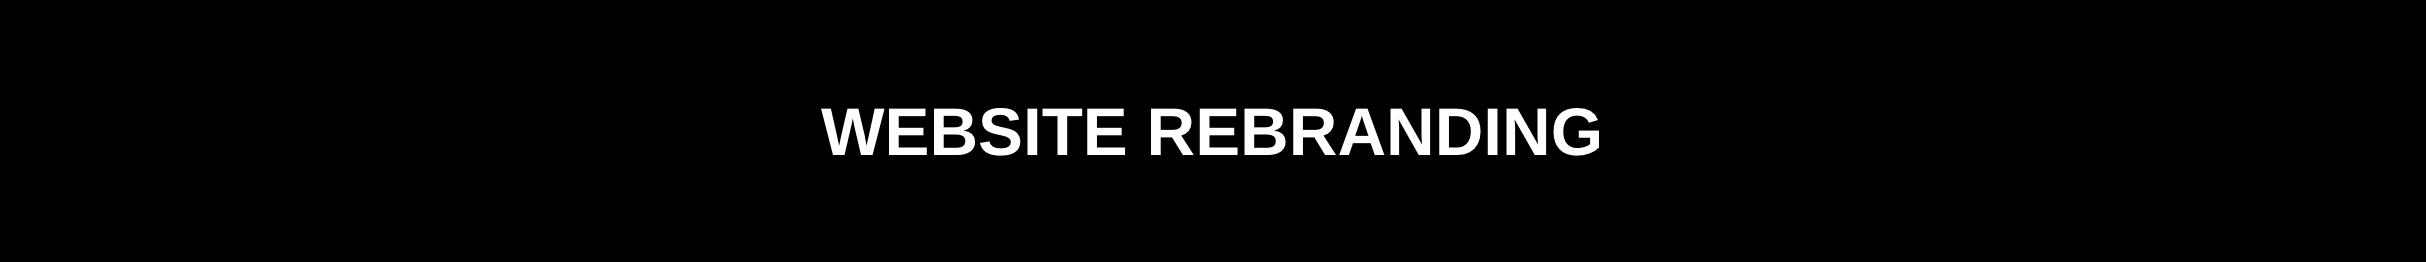 WEBSITE-REBRANDING.png